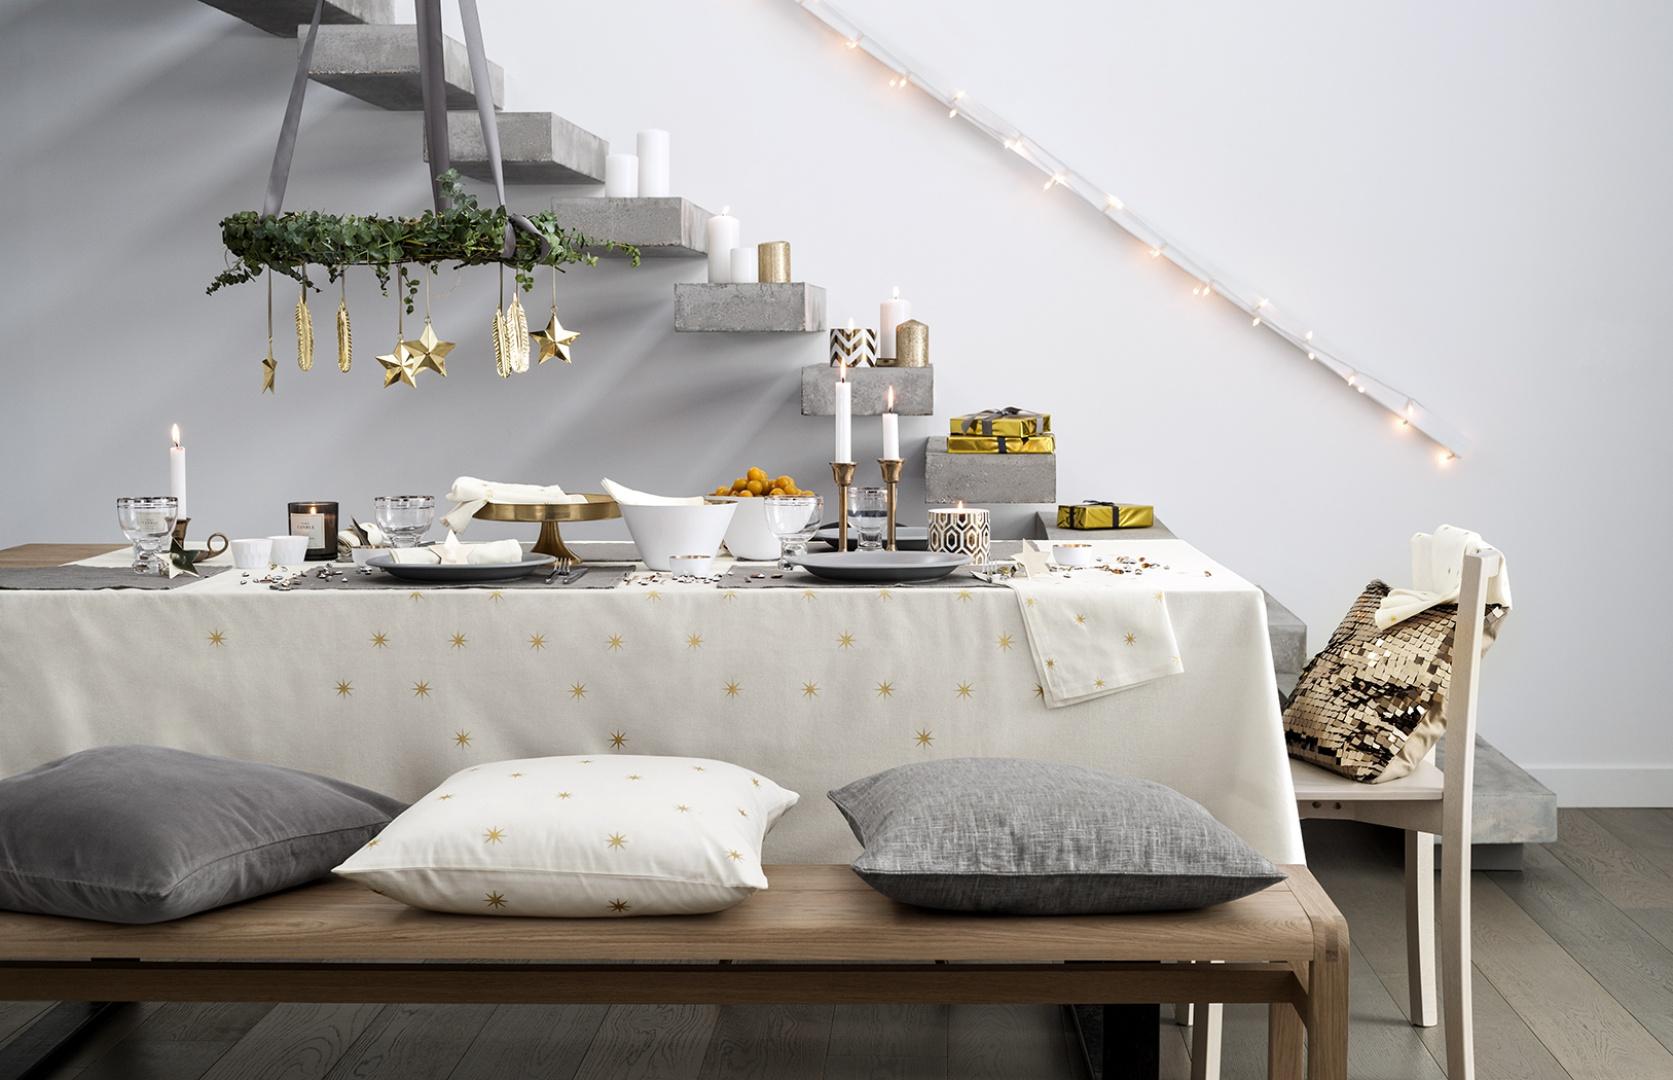 Czas sylwestrowych i noworocznych przyjęć nieodłącznie wiąże się z zimą i śniegiem. Postawmy więc na biel, której elegancji dodadzą złote wykończenia. Fot. H&M.